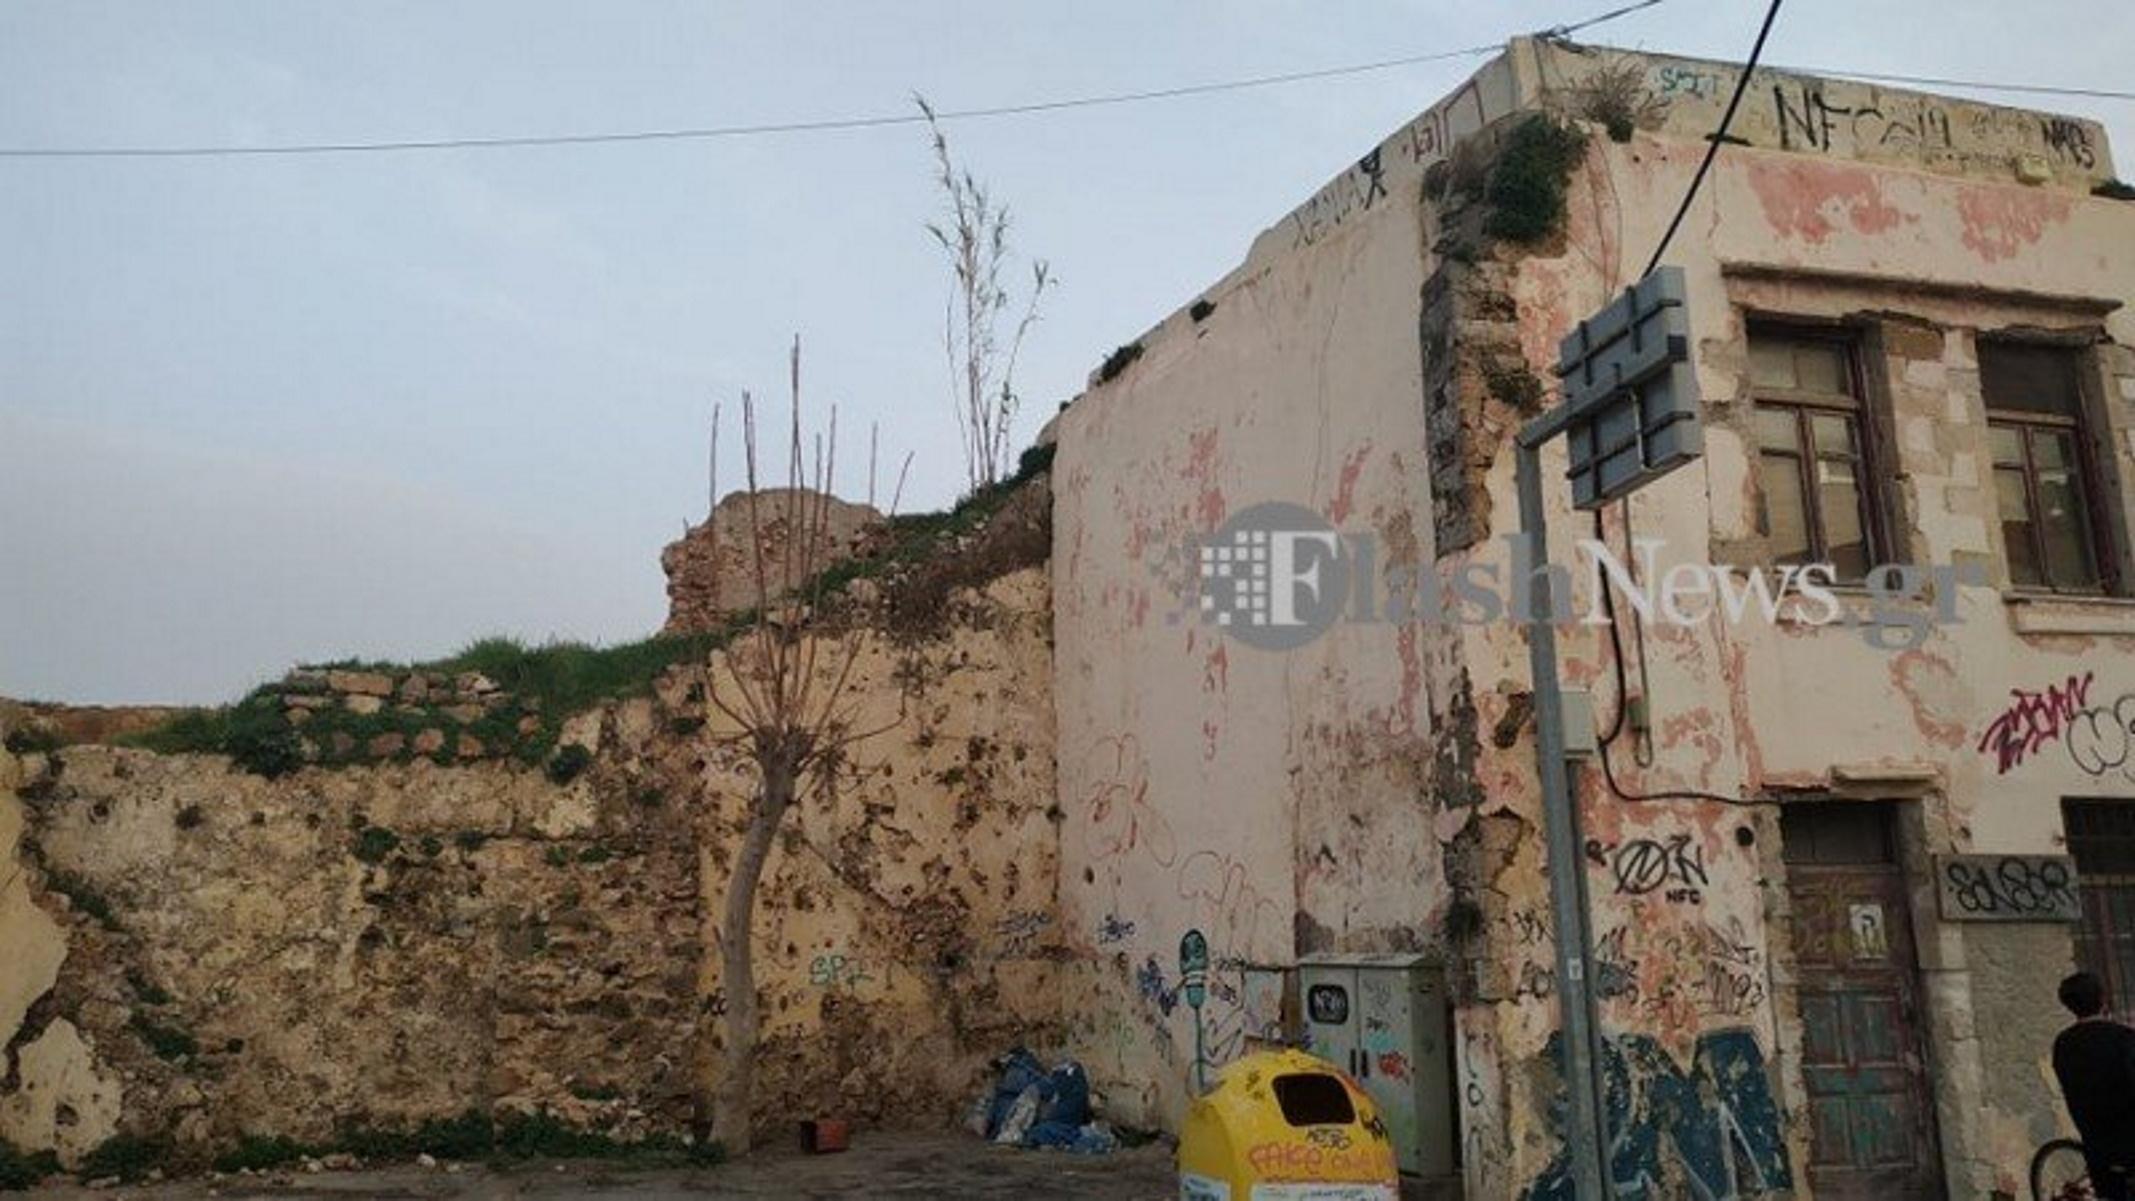 Χανιά: Σε σοβαρή κατάσταση ο 13χρονος που έπεσε από 6 μέτρα ύψος – Μεταφέρεται στο ΠΑΓΝΗ (pics)